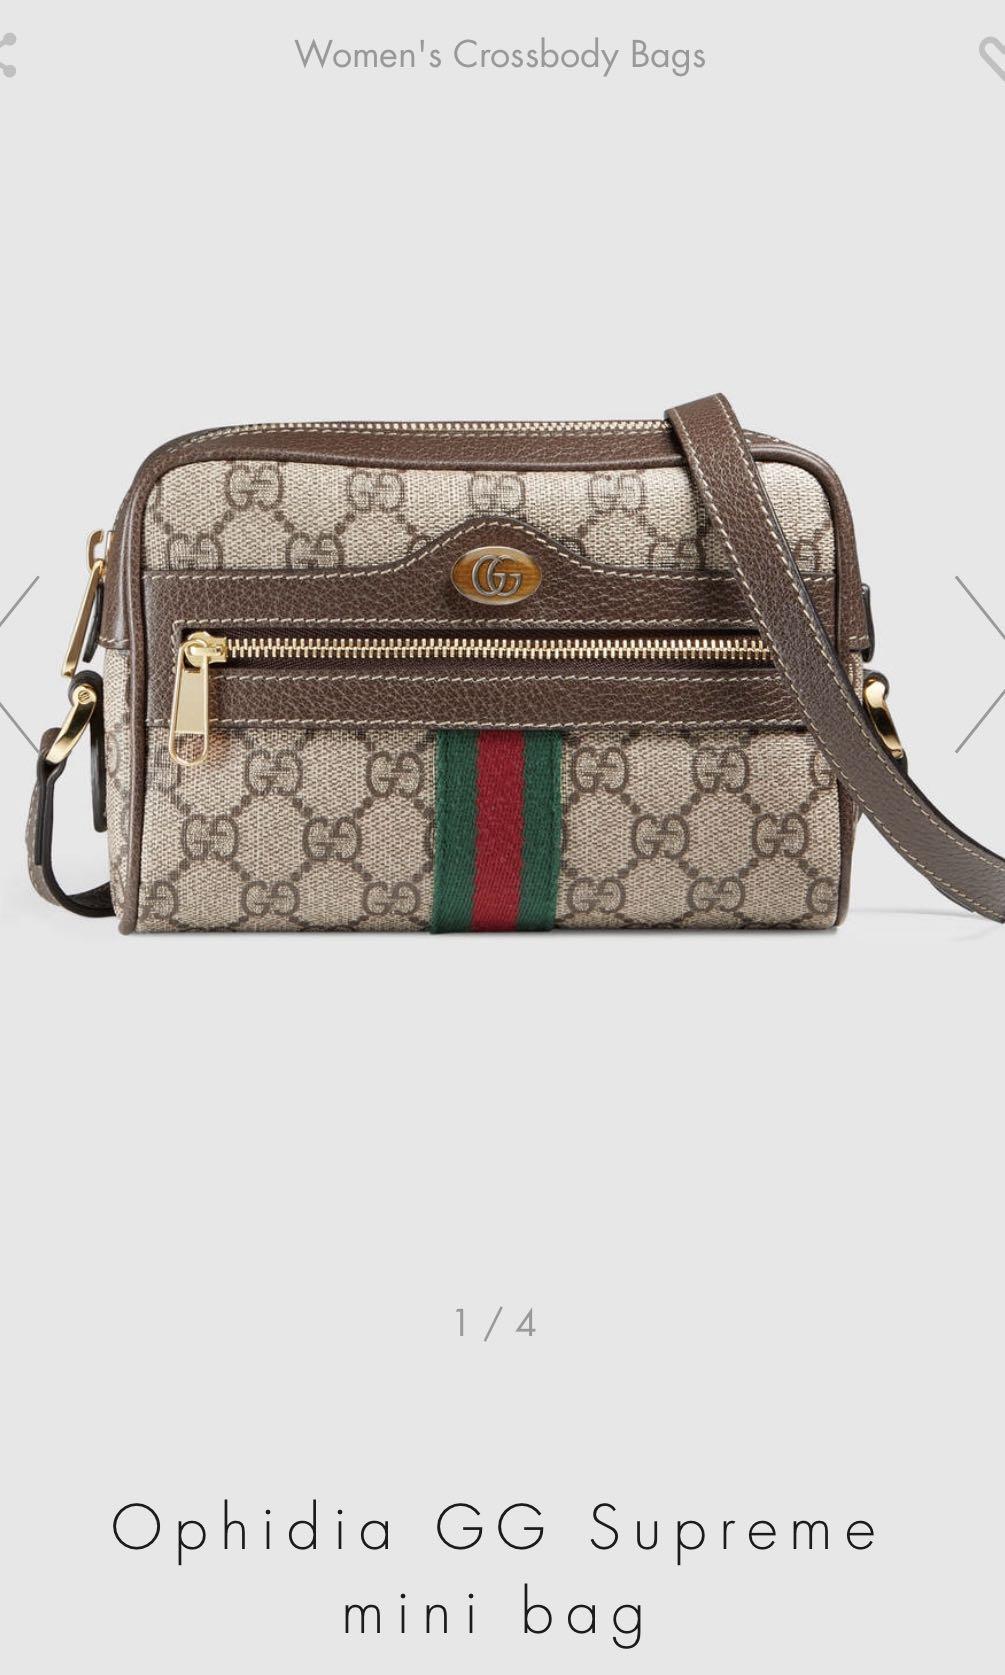 bc275685b0e Gucci Ophidia Supreme GG mini crossbody Bag